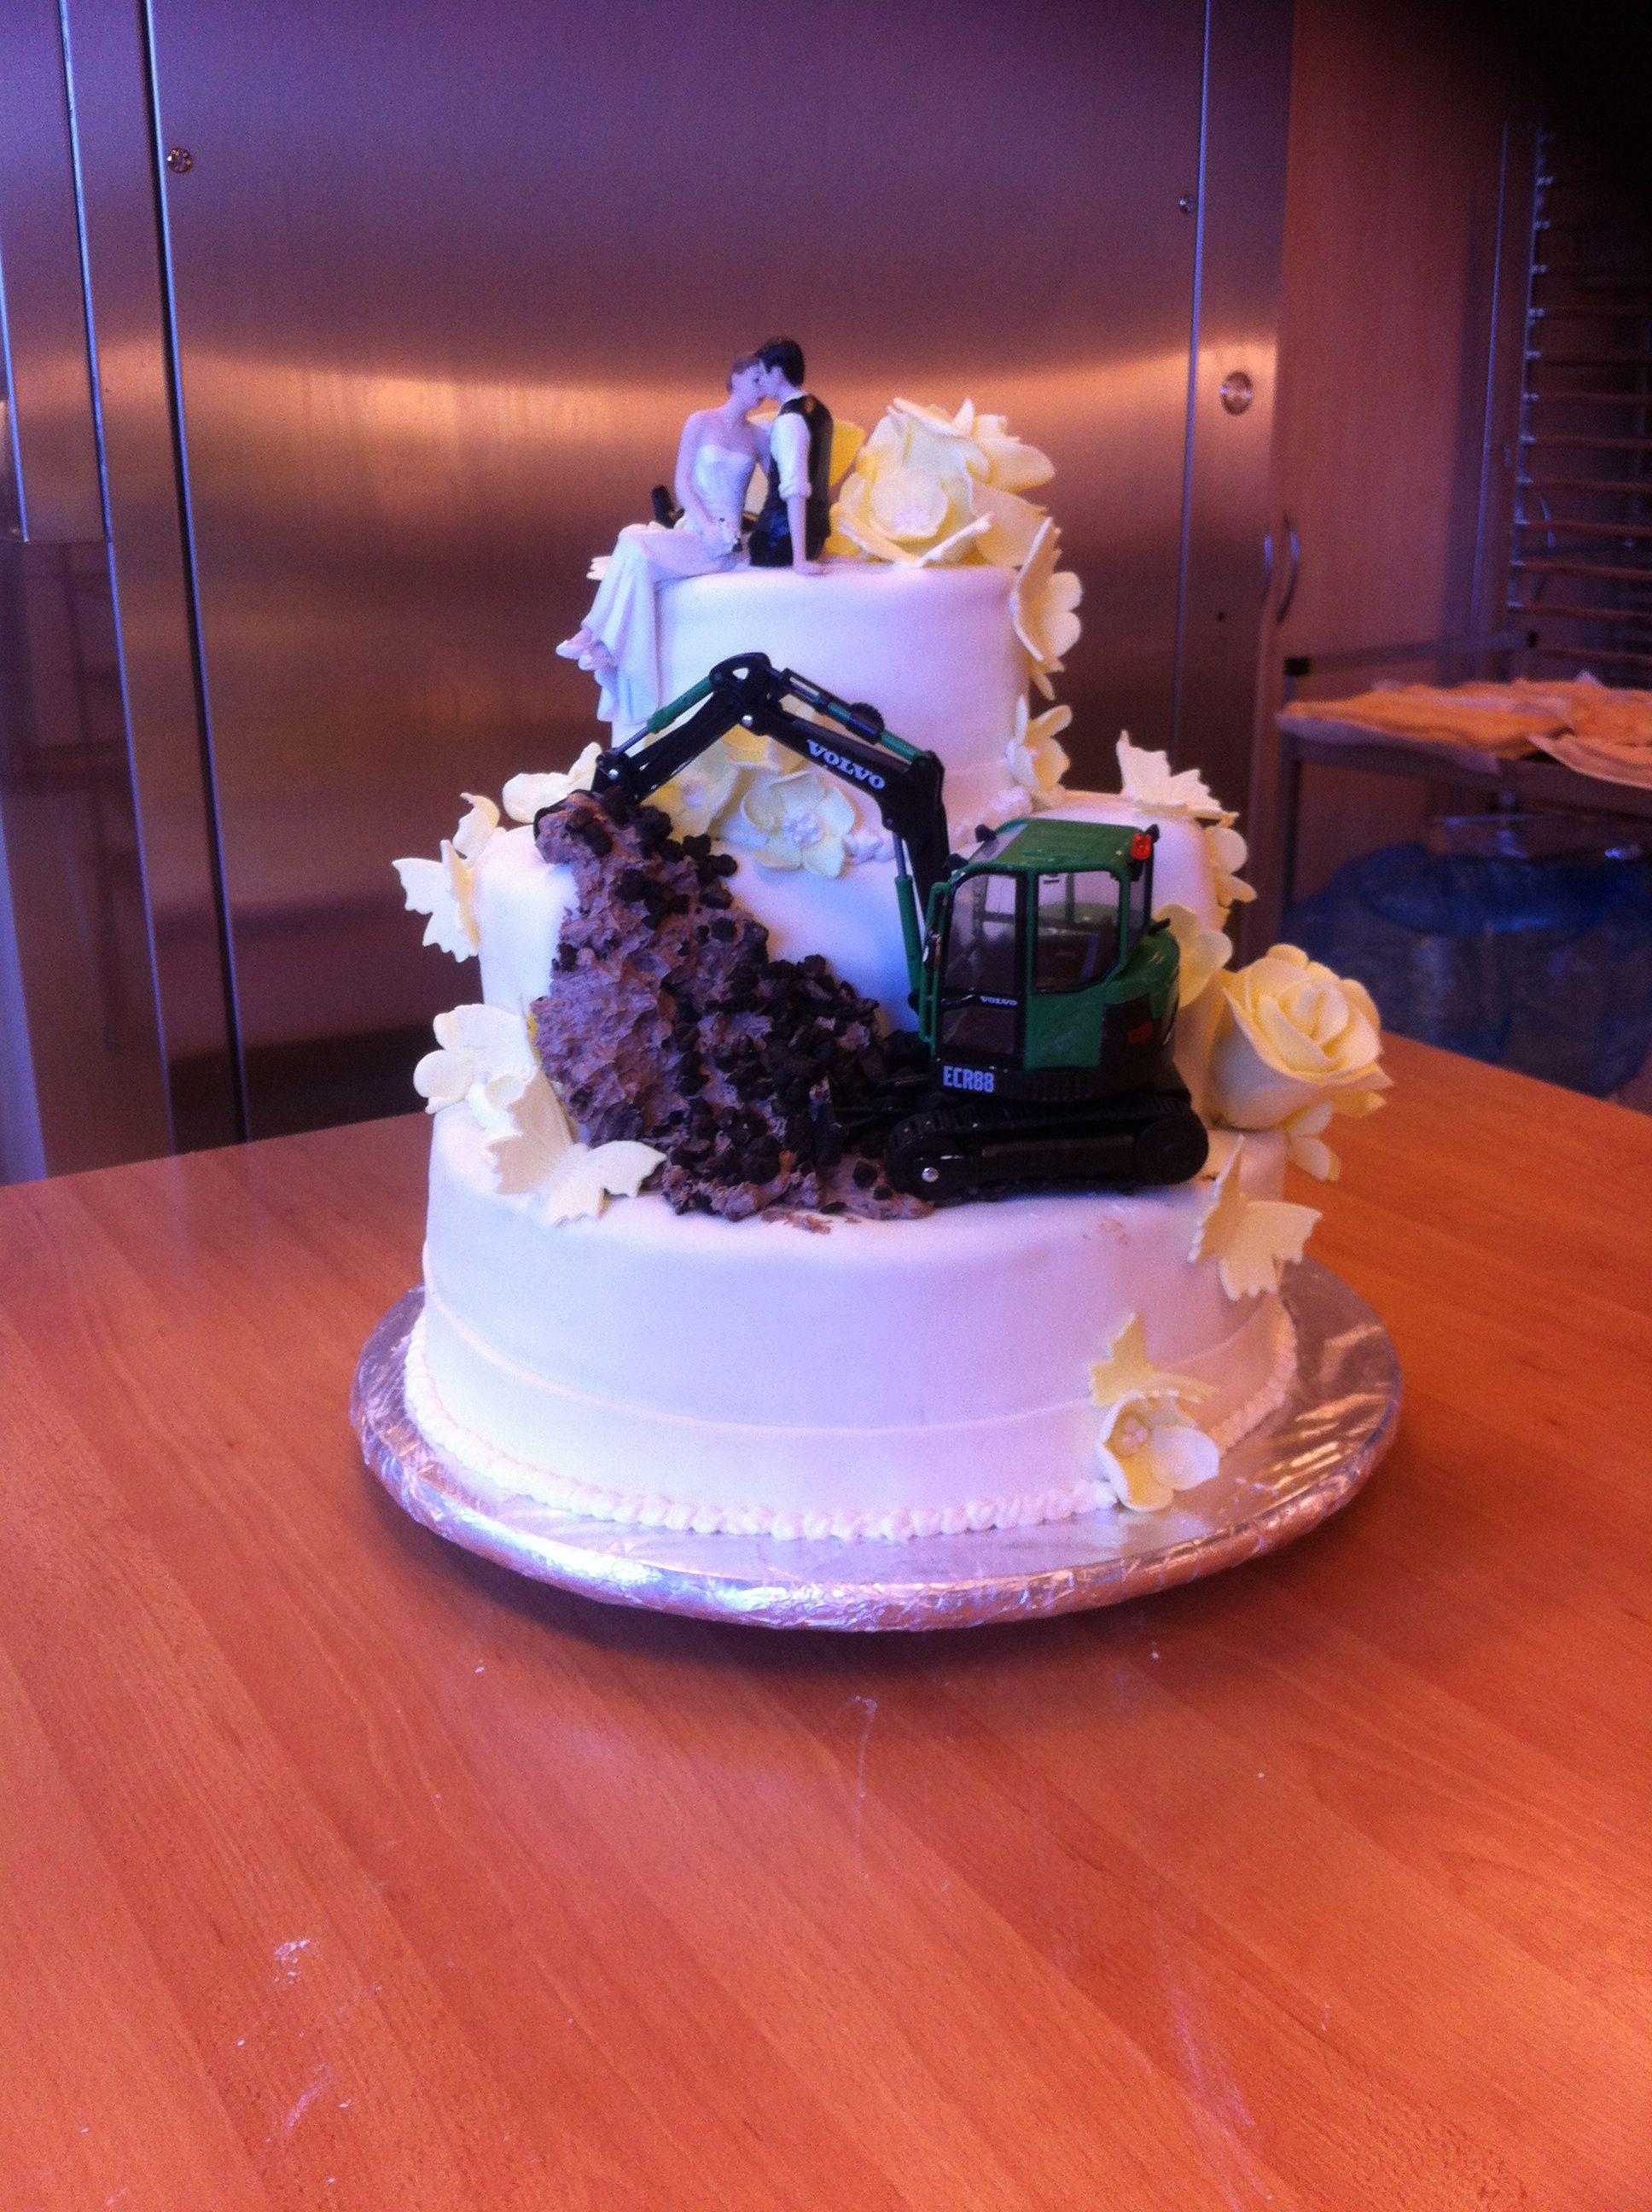 Weddingcake for gardener and wife. Funny wedding cake